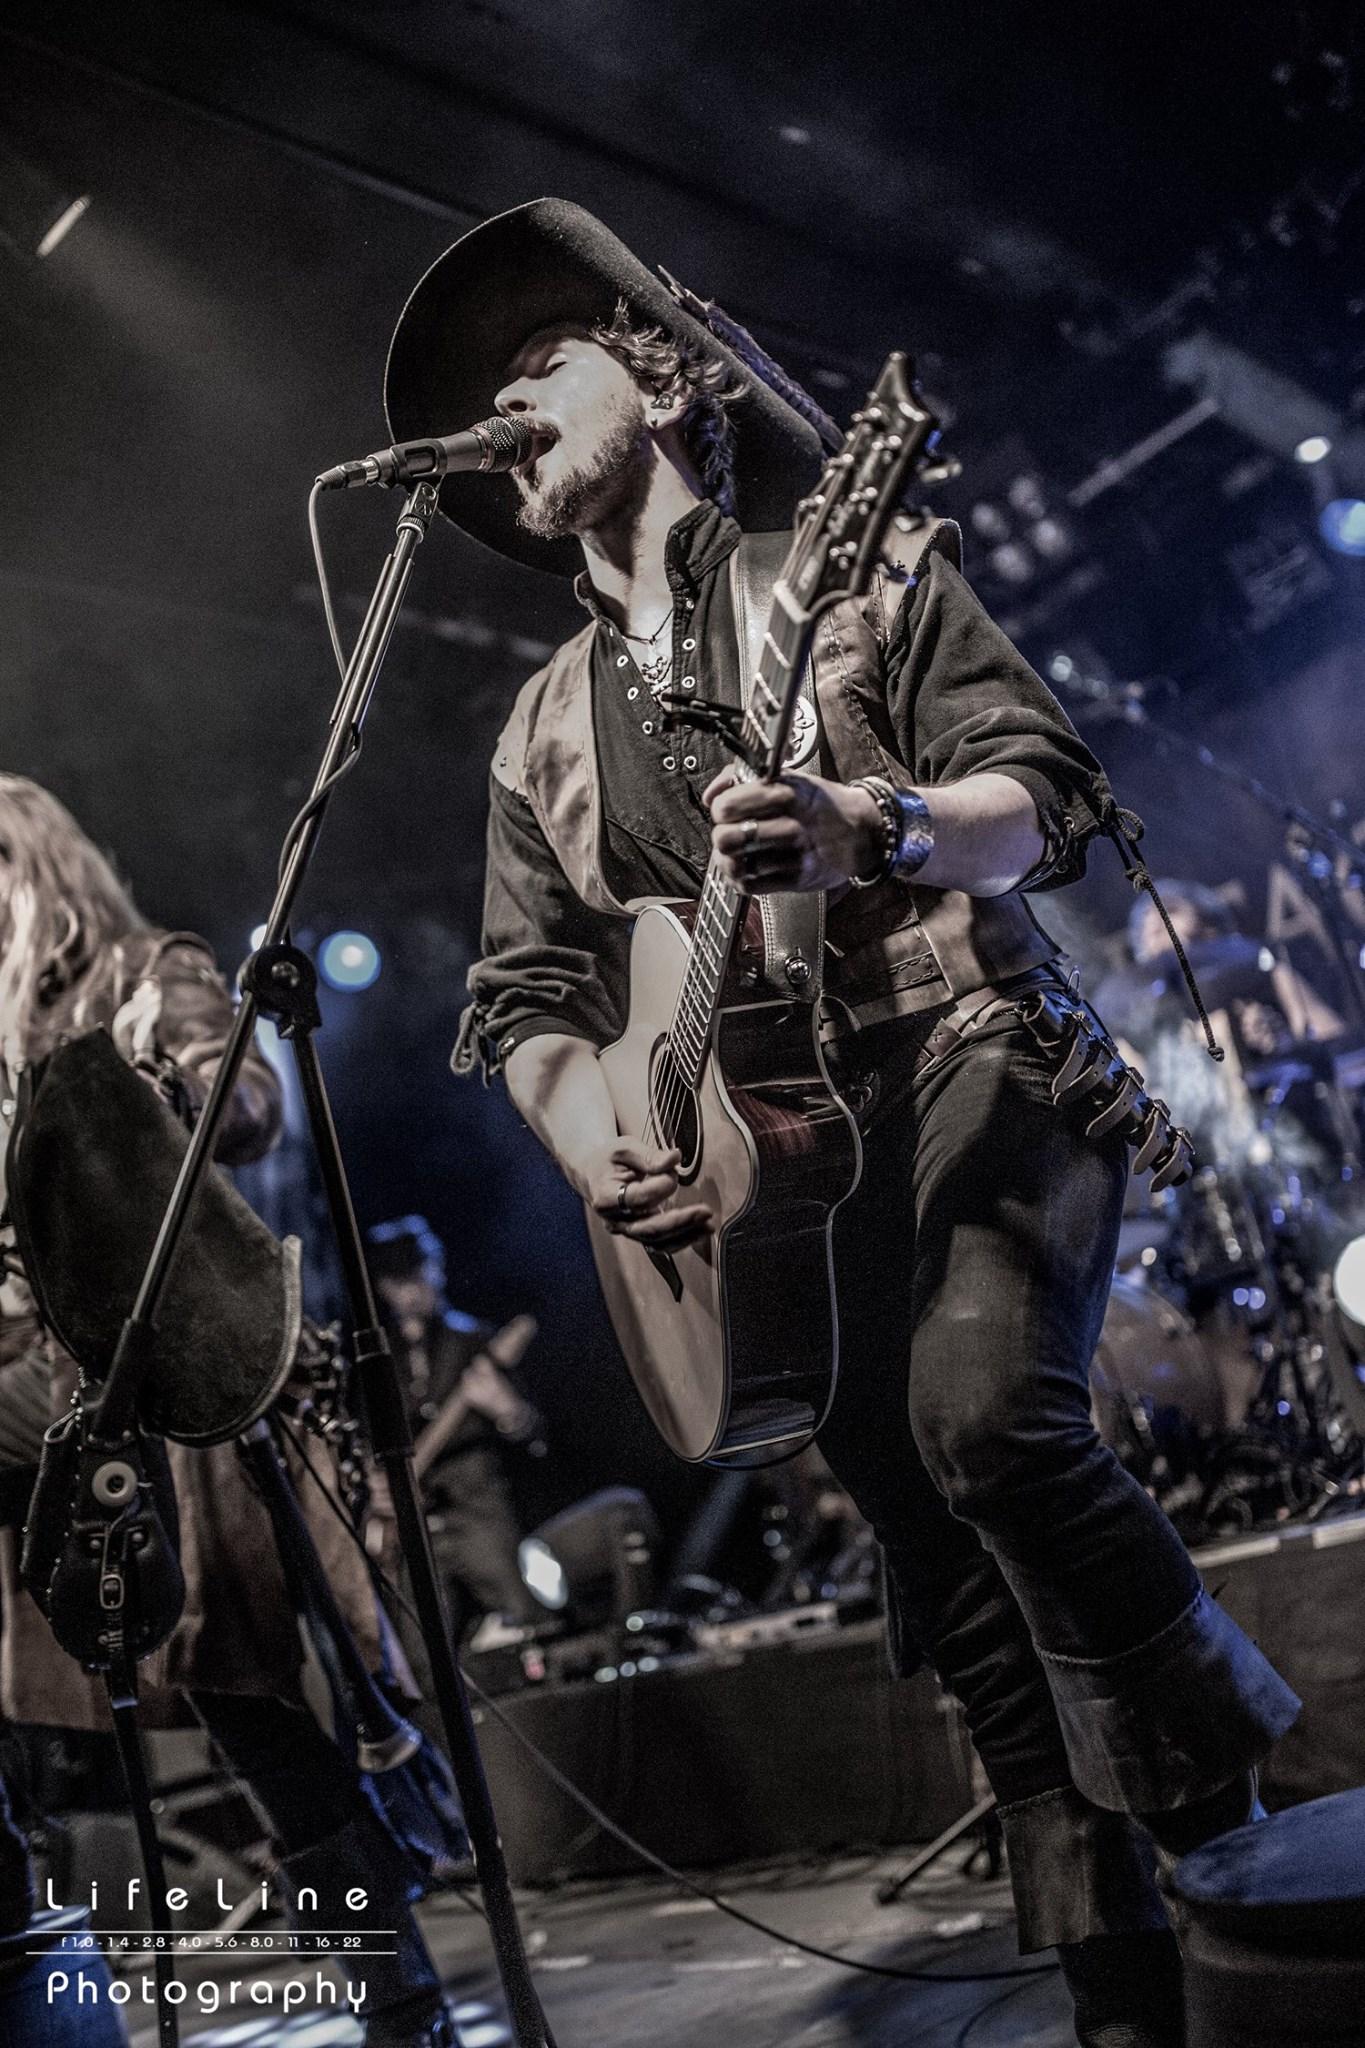 Konzert in Nürnberg - 13.05.2016